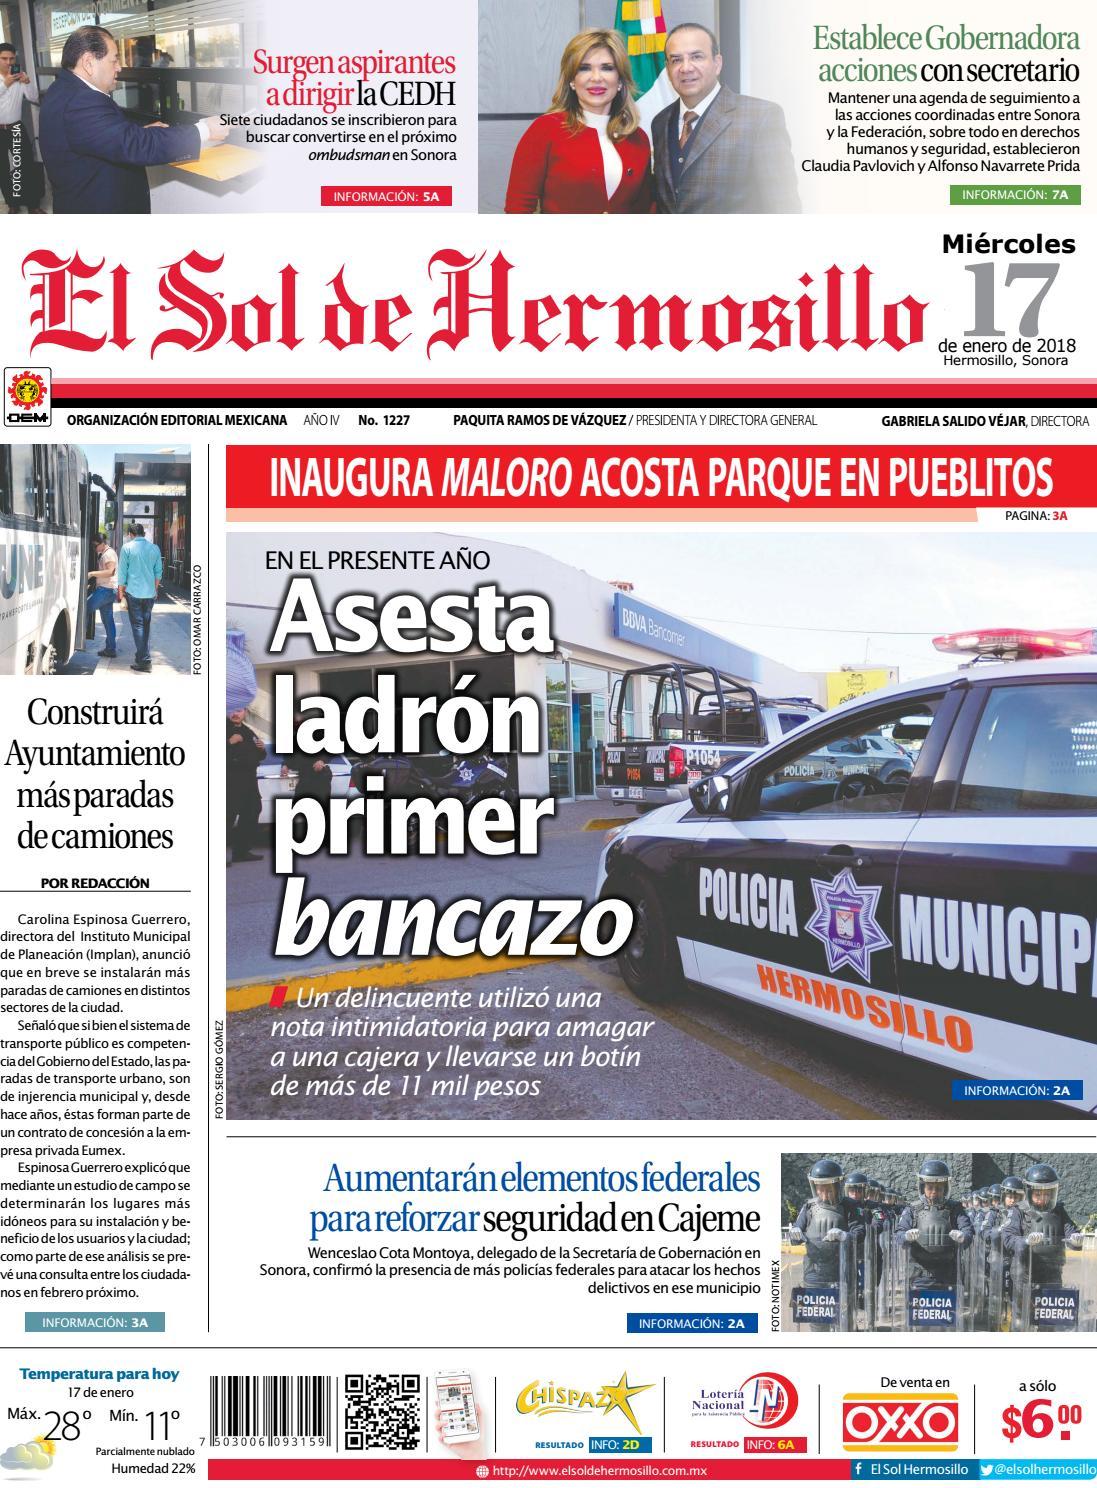 Edicion impresa 17 enero 2018 by El Sol de Hermosillo - issuu